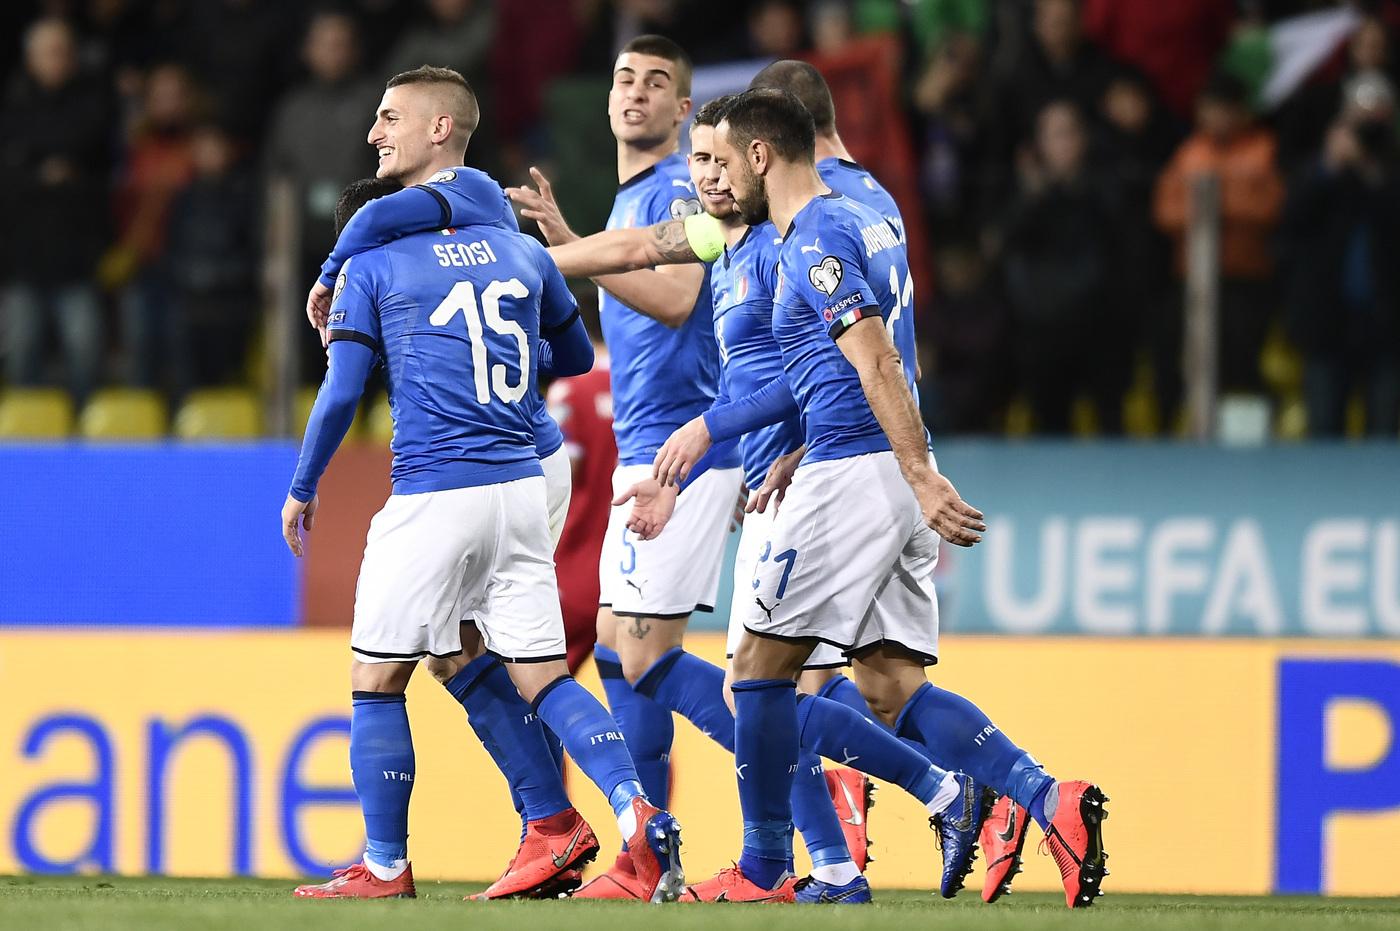 Nazionale, Romagnoli esalta i compagni dopo la vittoria contro il ...